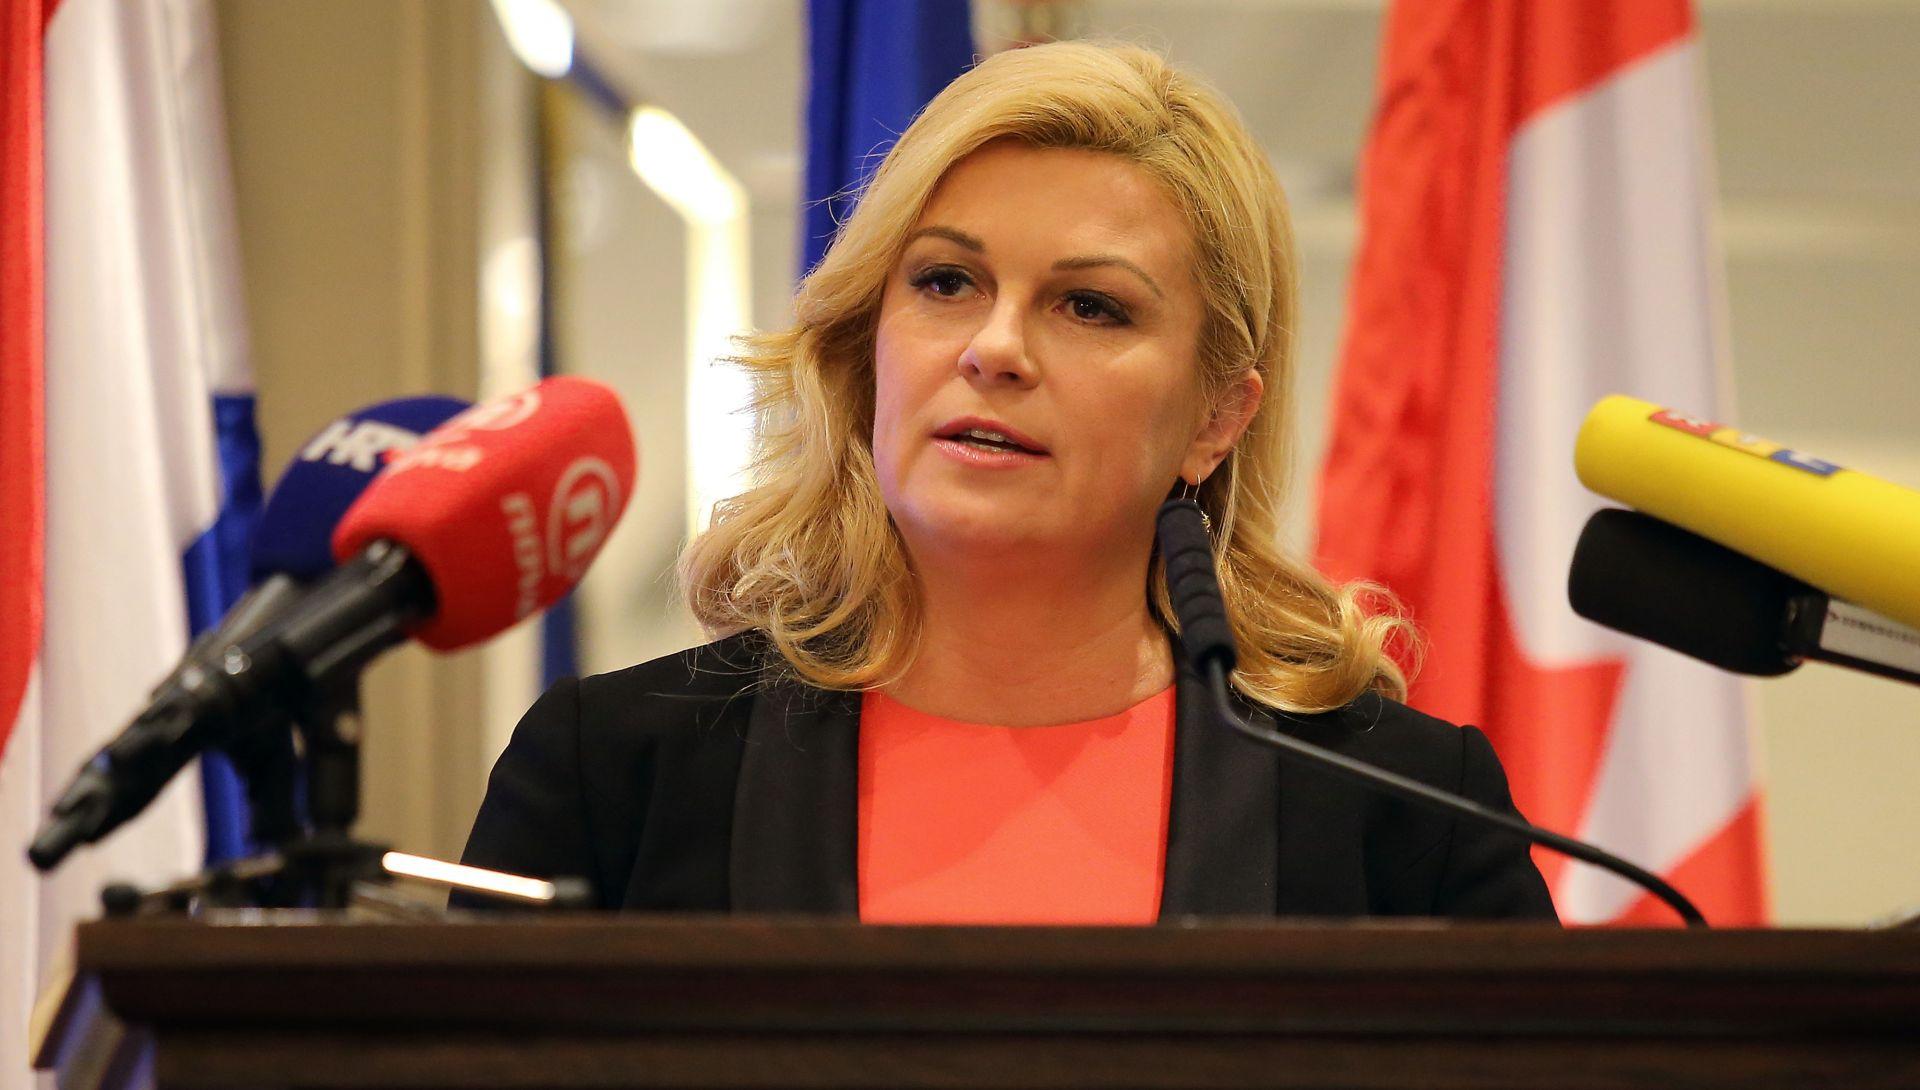 Grabar-Kitarović: Pozitivna društvena klima važna je za ostanak mladih u Hrvatskoj